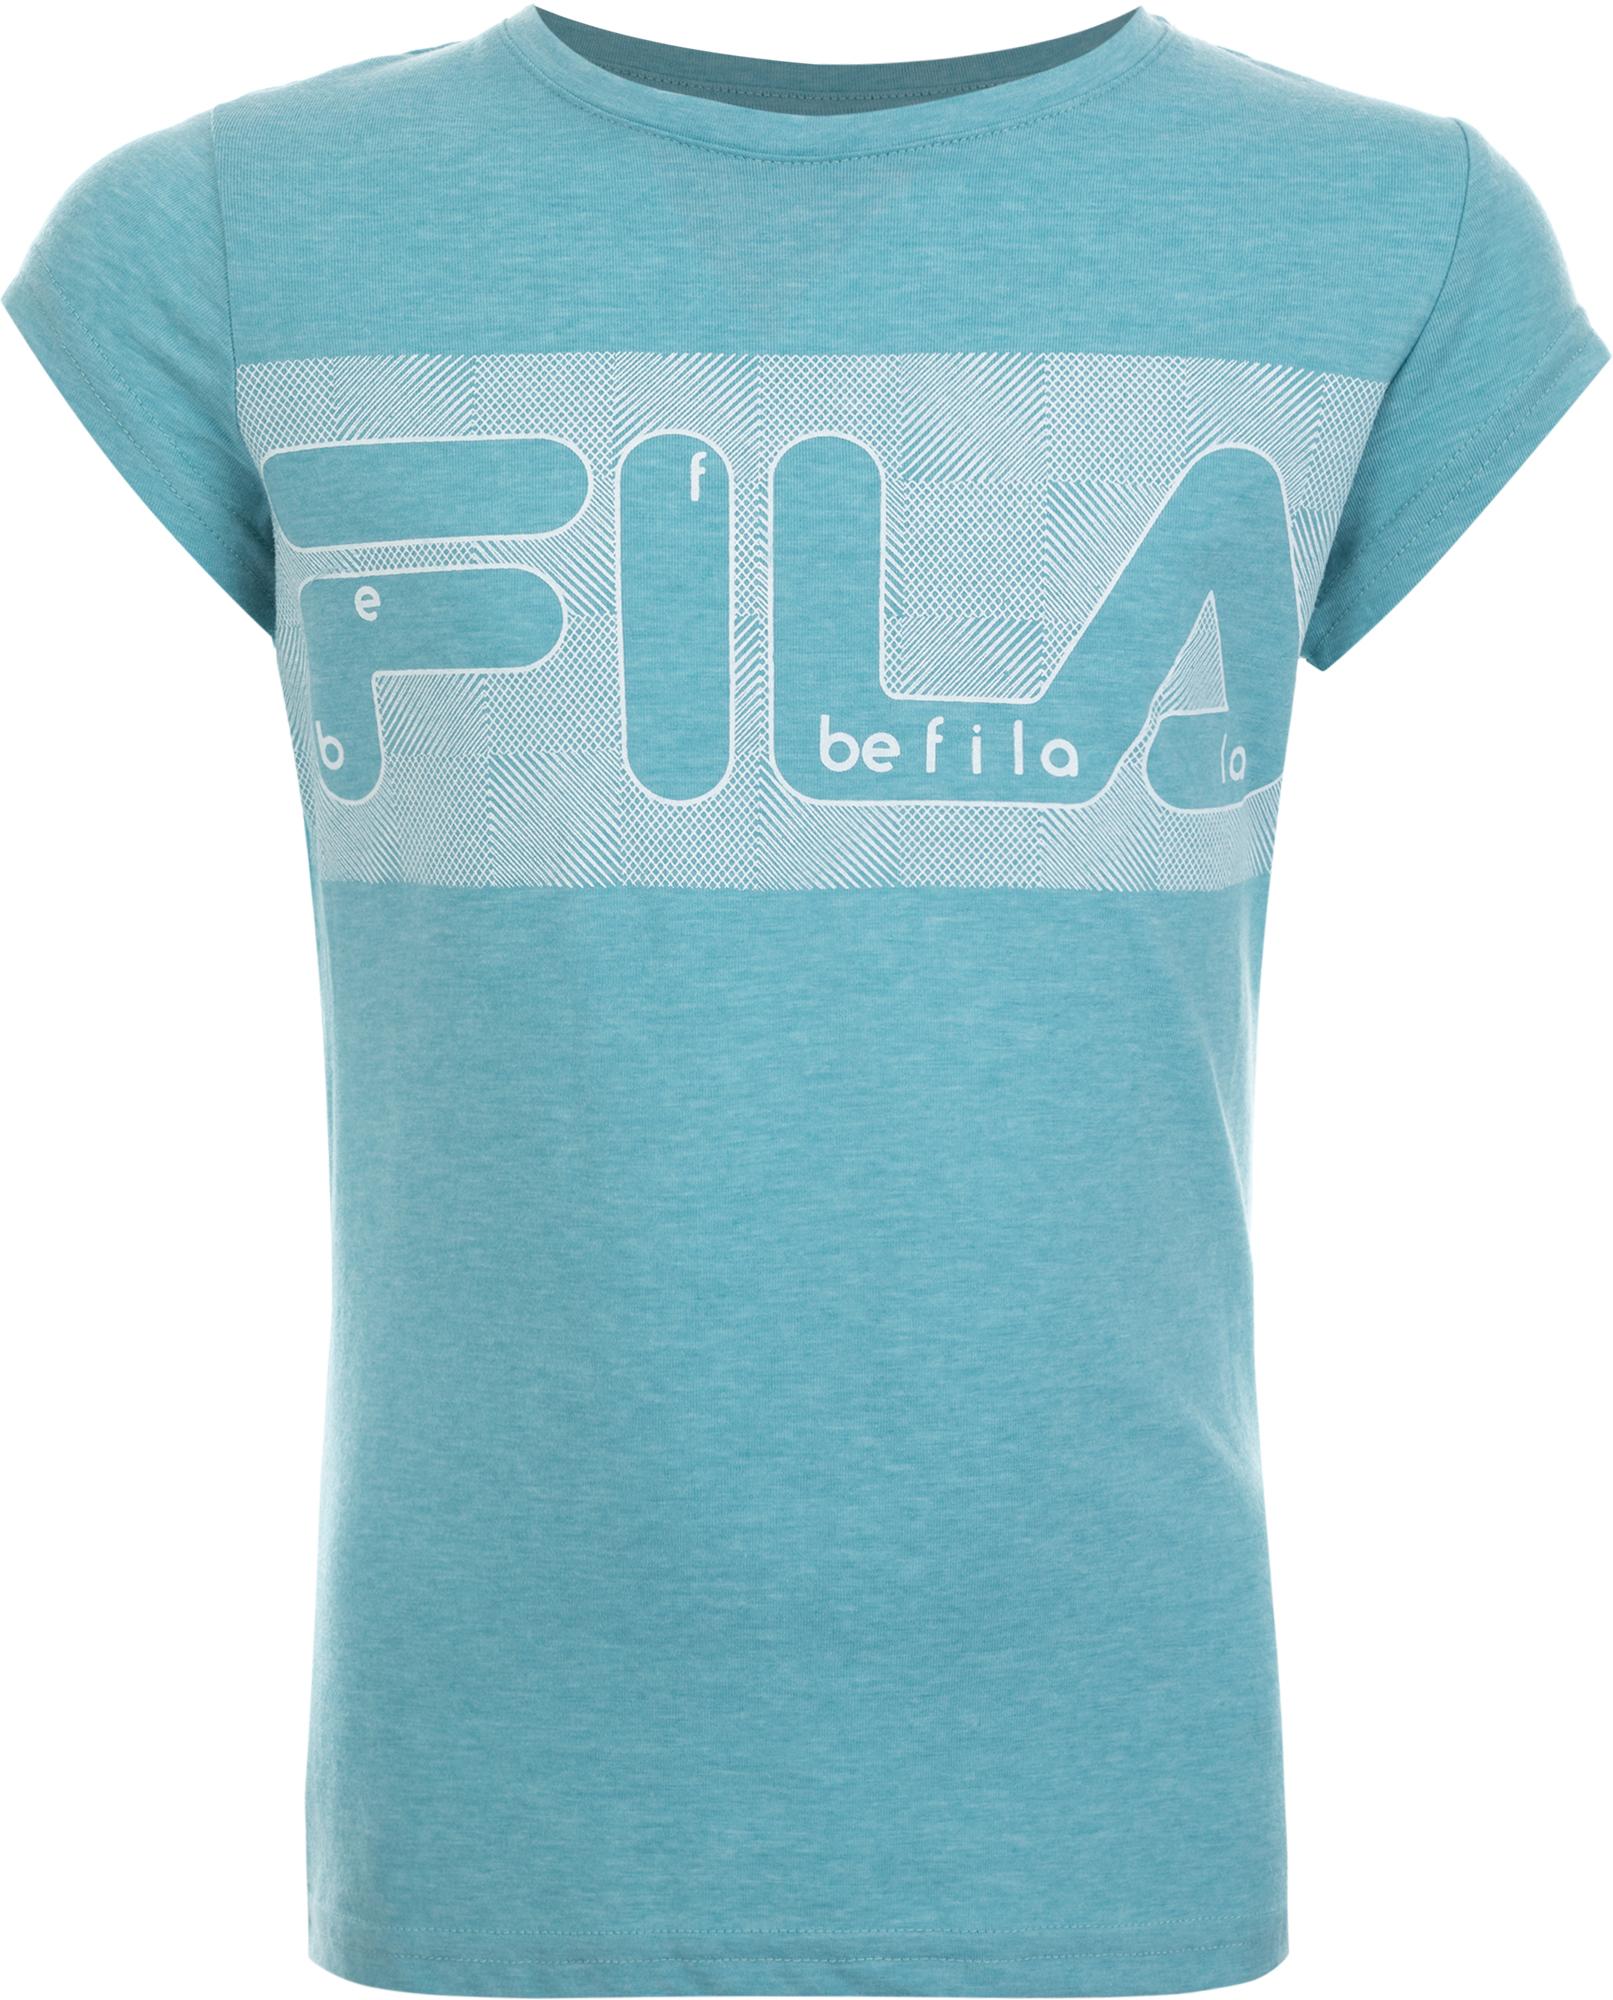 Fila Футболка для девочек Fila, размер 140